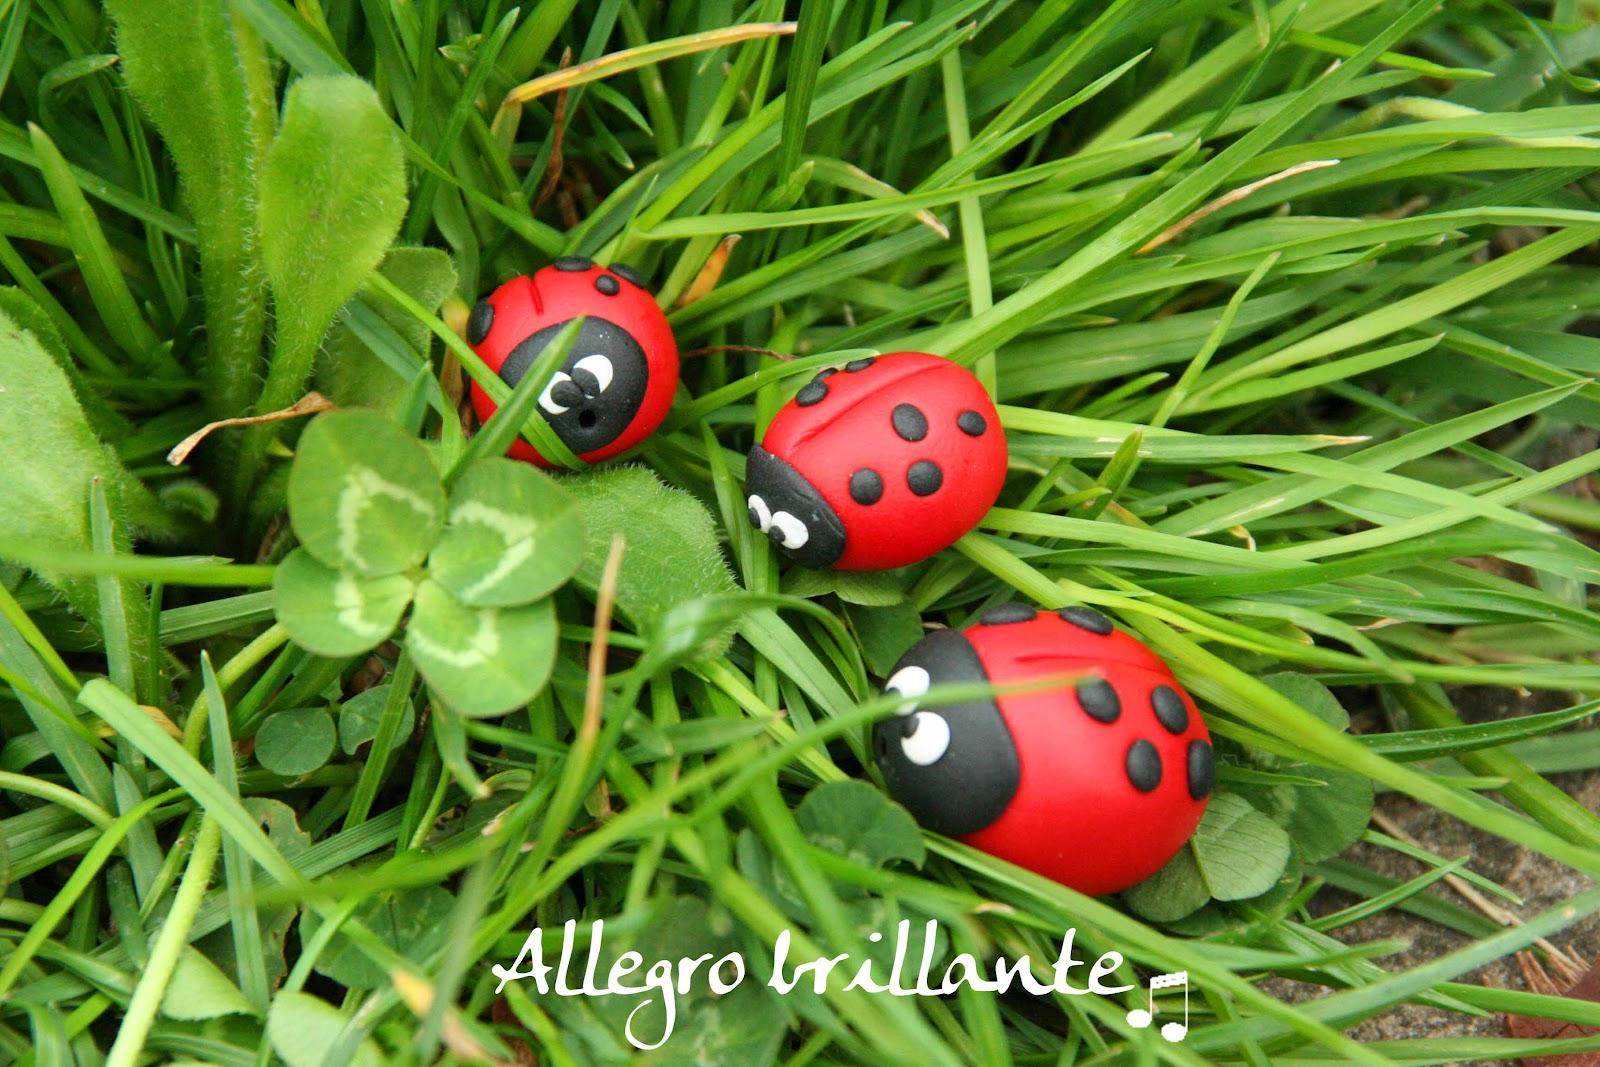 Allegro brillante handmade and vintage from italy and finland la settimana scorsa - Piante portafortuna ...